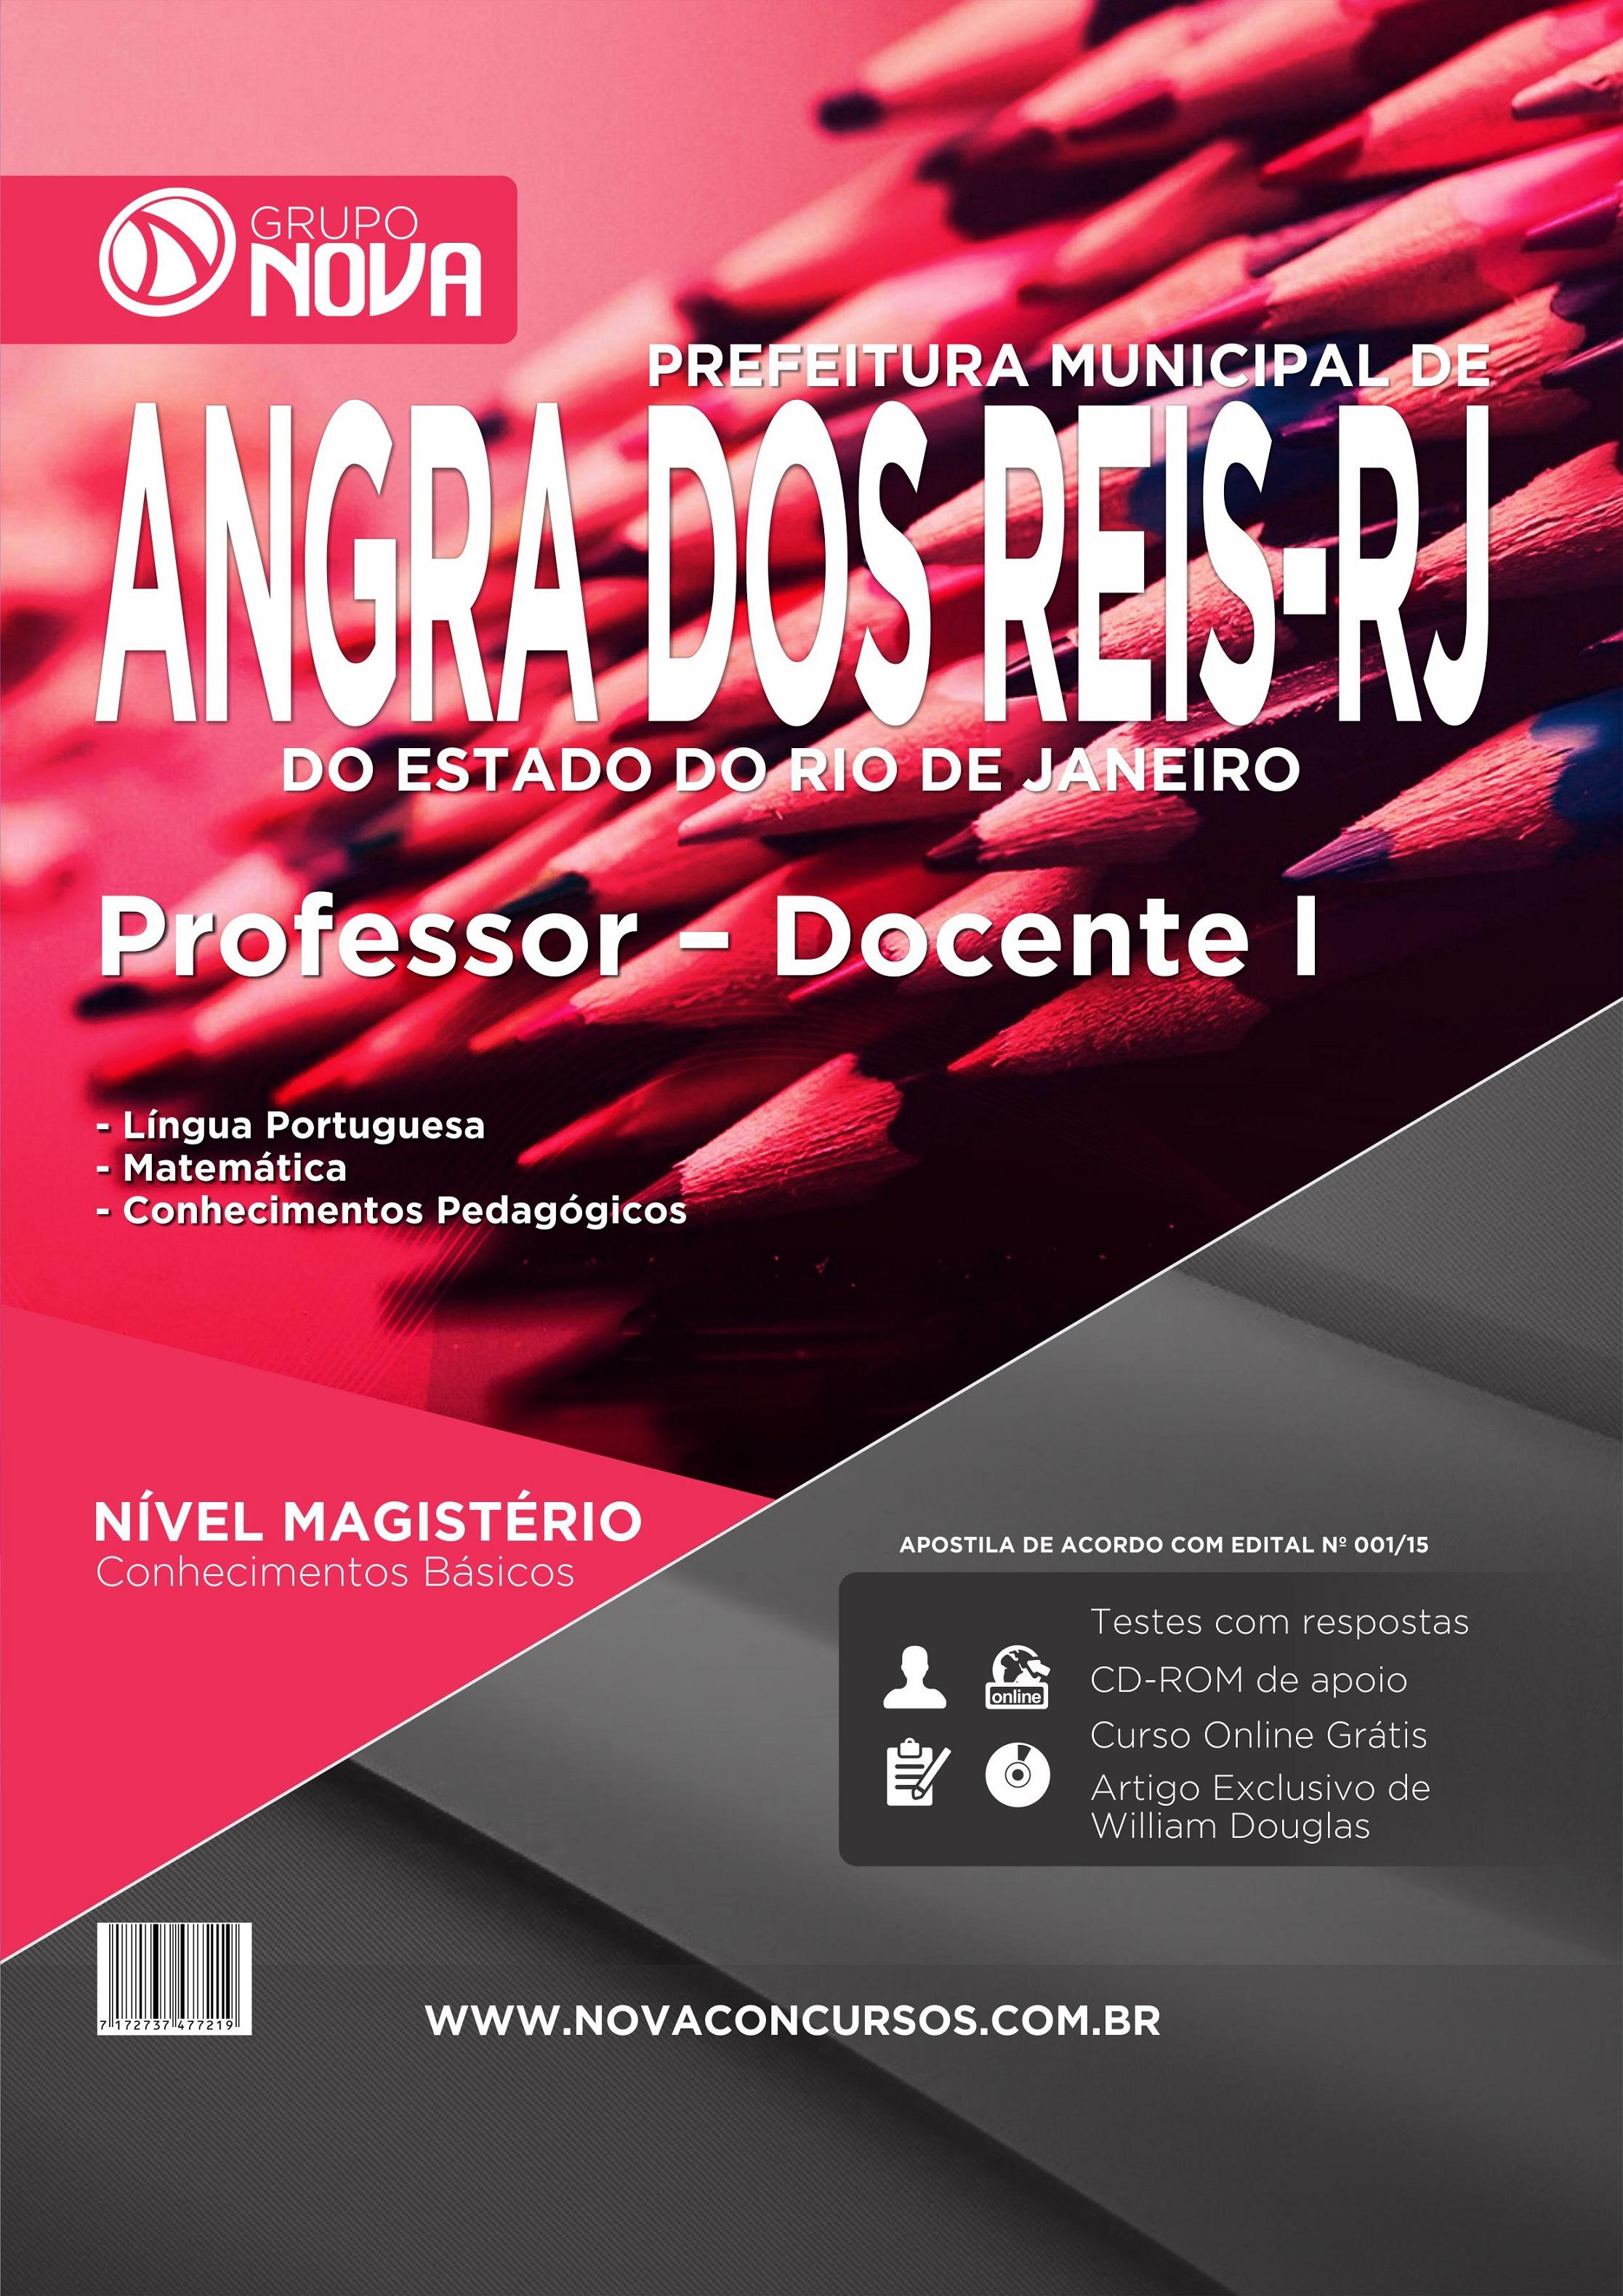 Apostila Angra dos Reis 2015 - Professor - Docente I ( Impresso )